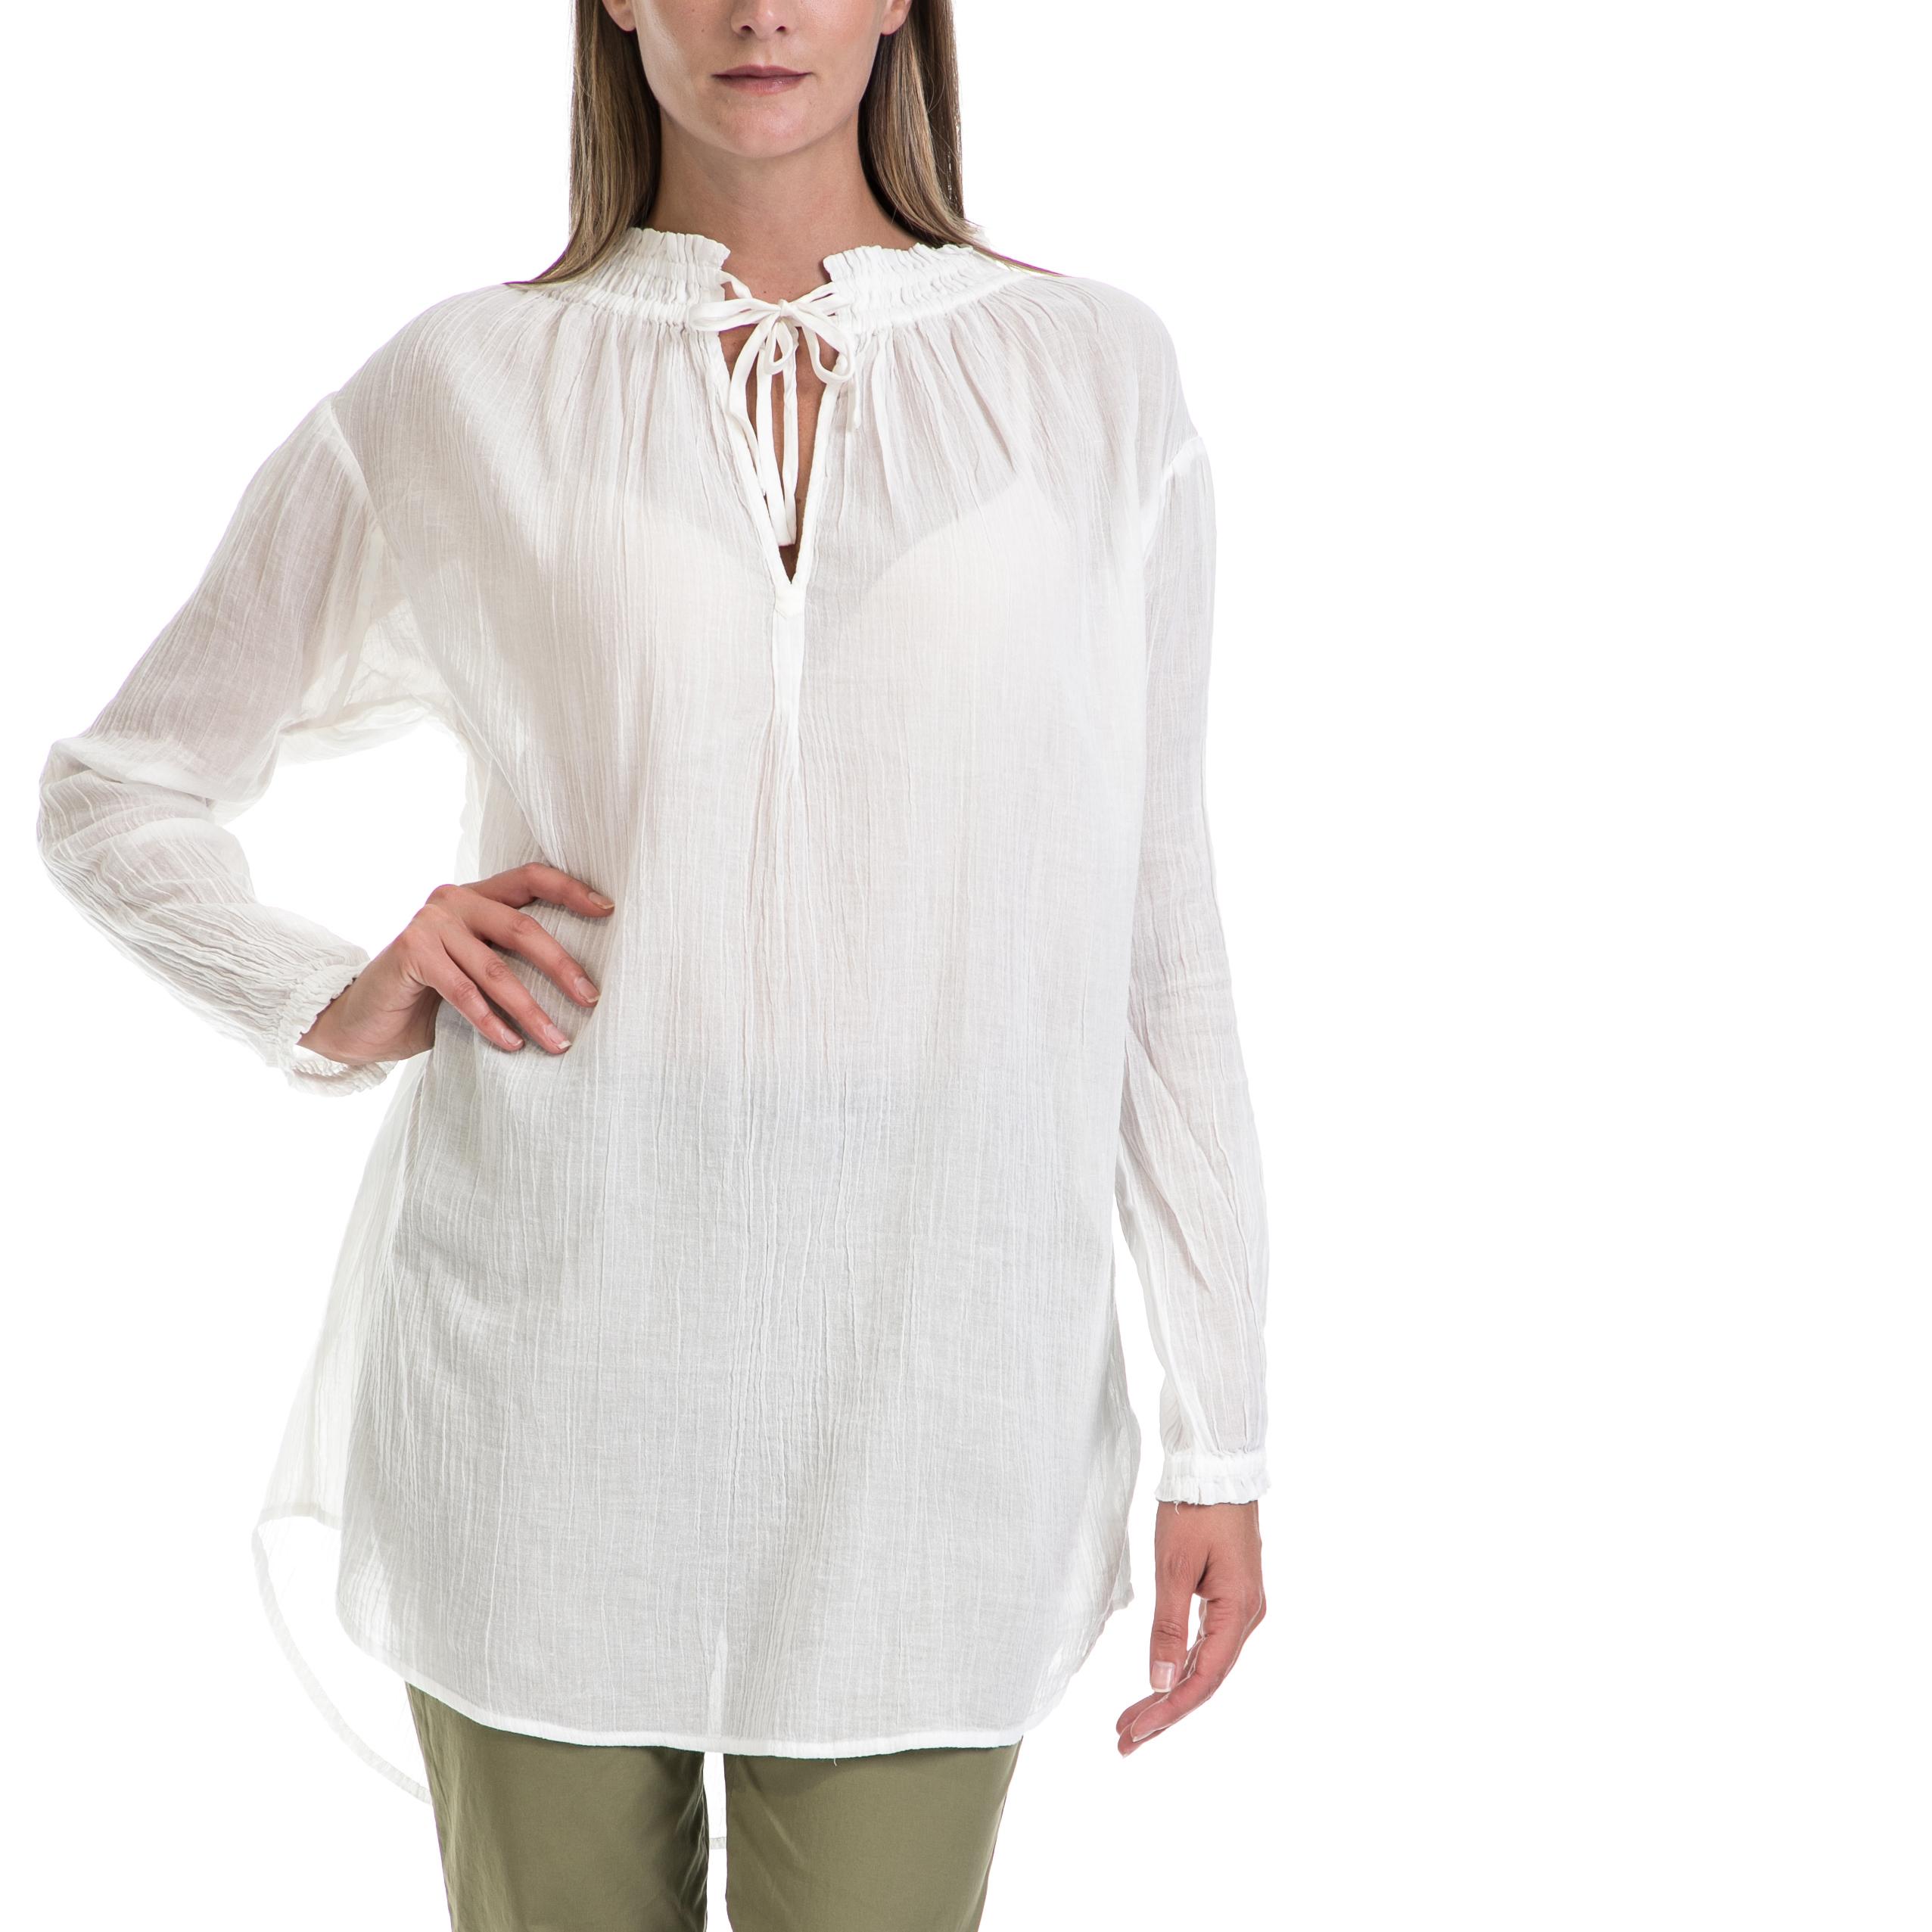 MAISON SCOTCH - Γυναικεία μπλούζα MAISON SCOTCH άσπρη γυναικεία ρούχα μπλούζες